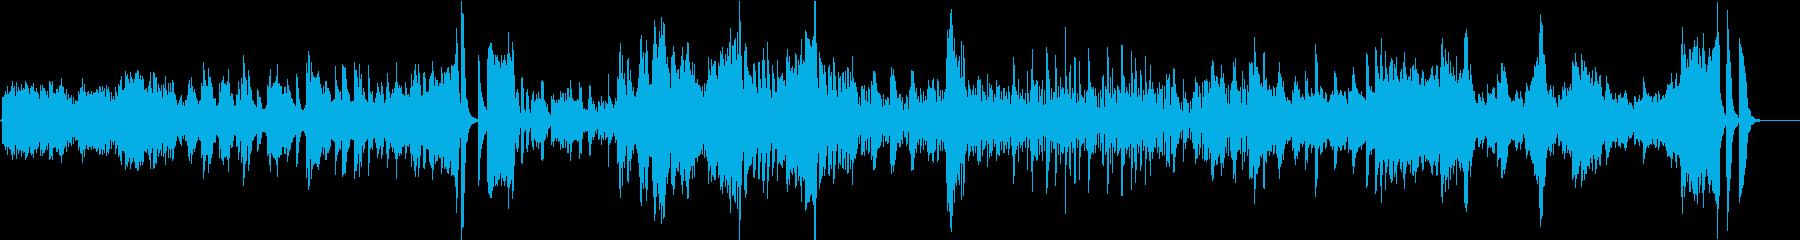 ベートーヴェン/ヴァイオリンソナタ「春」の再生済みの波形